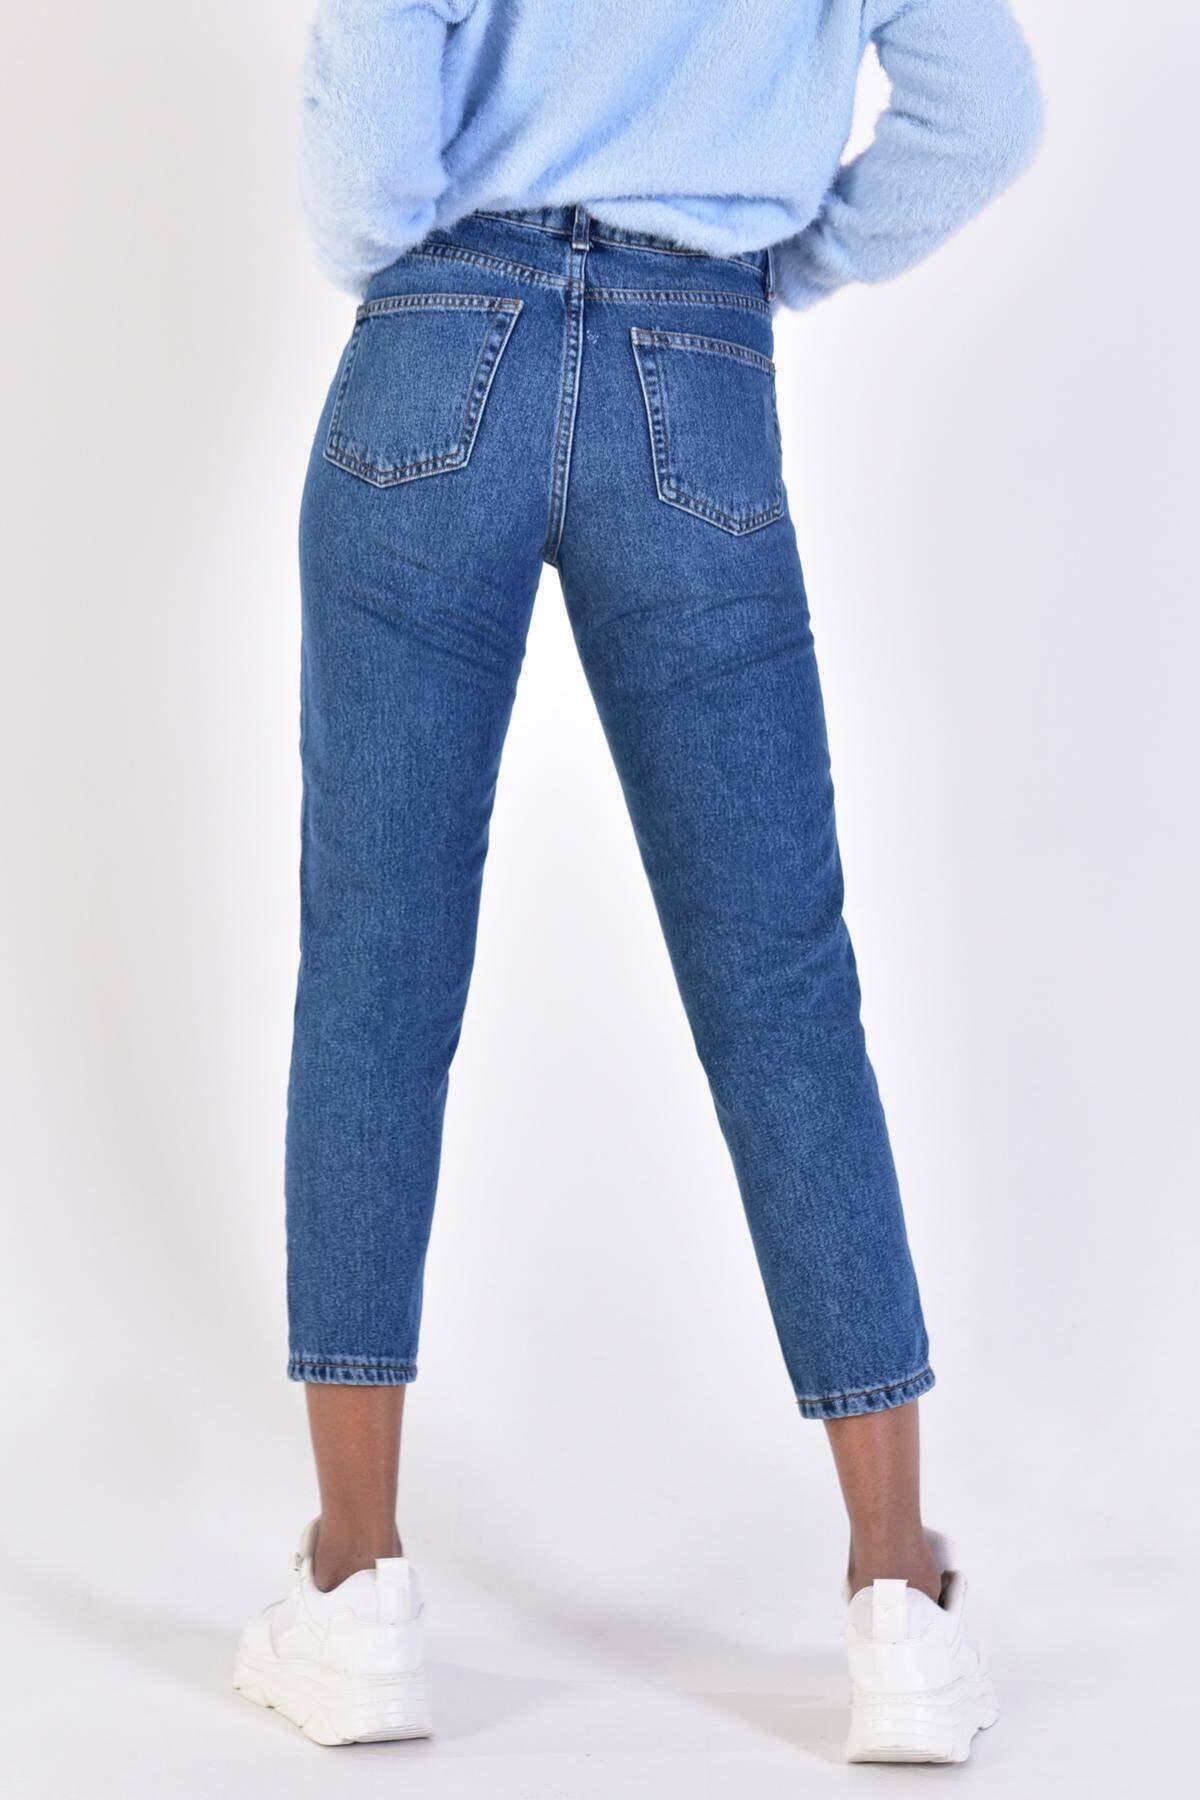 Addax Kadın Kot Rengi Yırtık Detaylı Pantolon 4